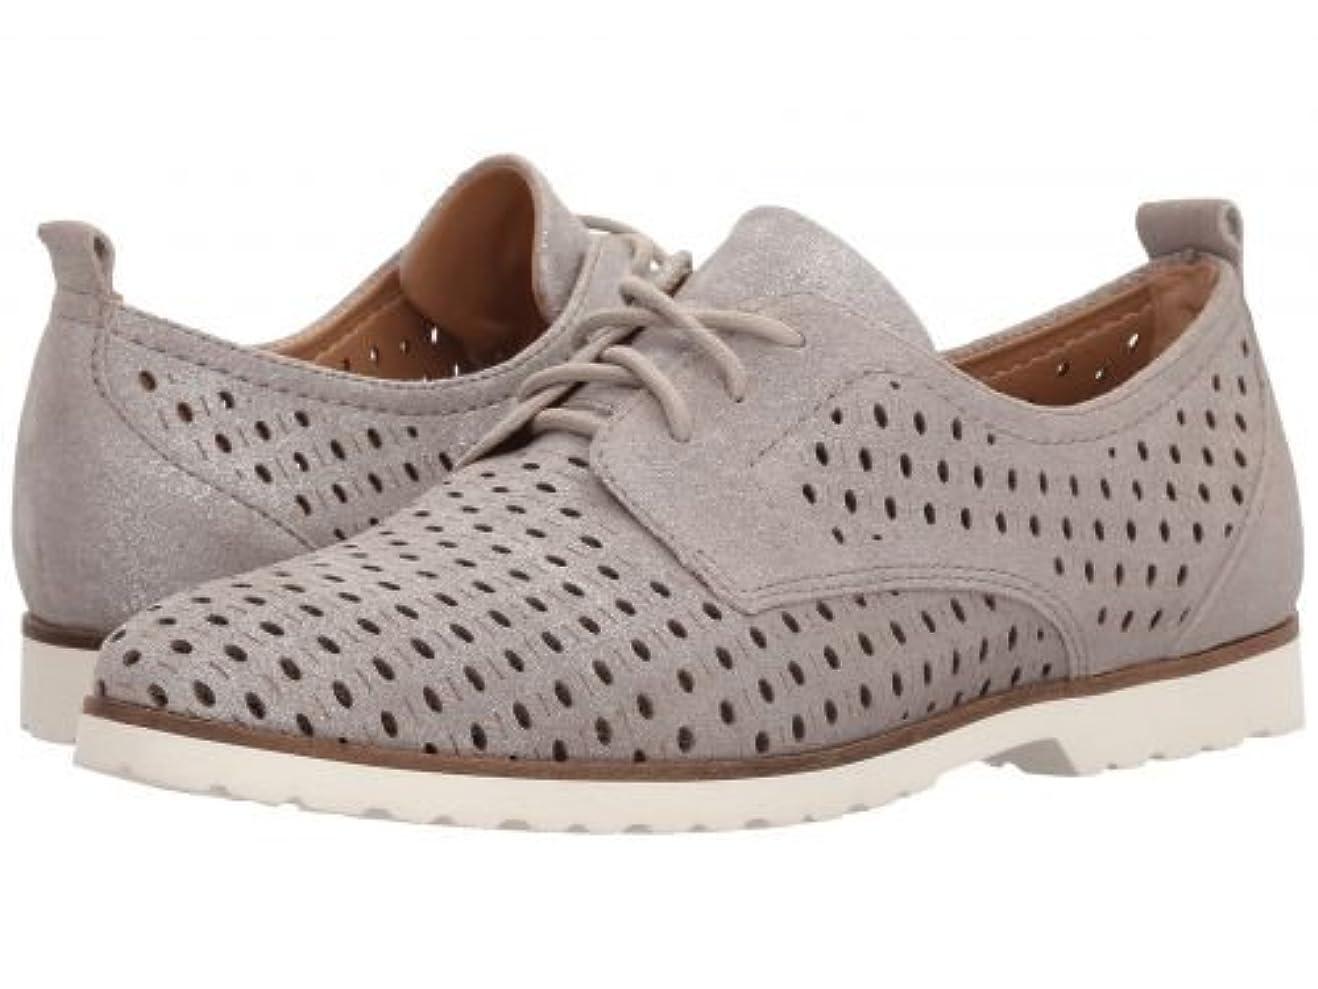 リンク可決衝動Earth(アース) レディース 女性用 シューズ 靴 オックスフォード 紳士靴 通勤靴 Camino - Silver Metallic Suede [並行輸入品]